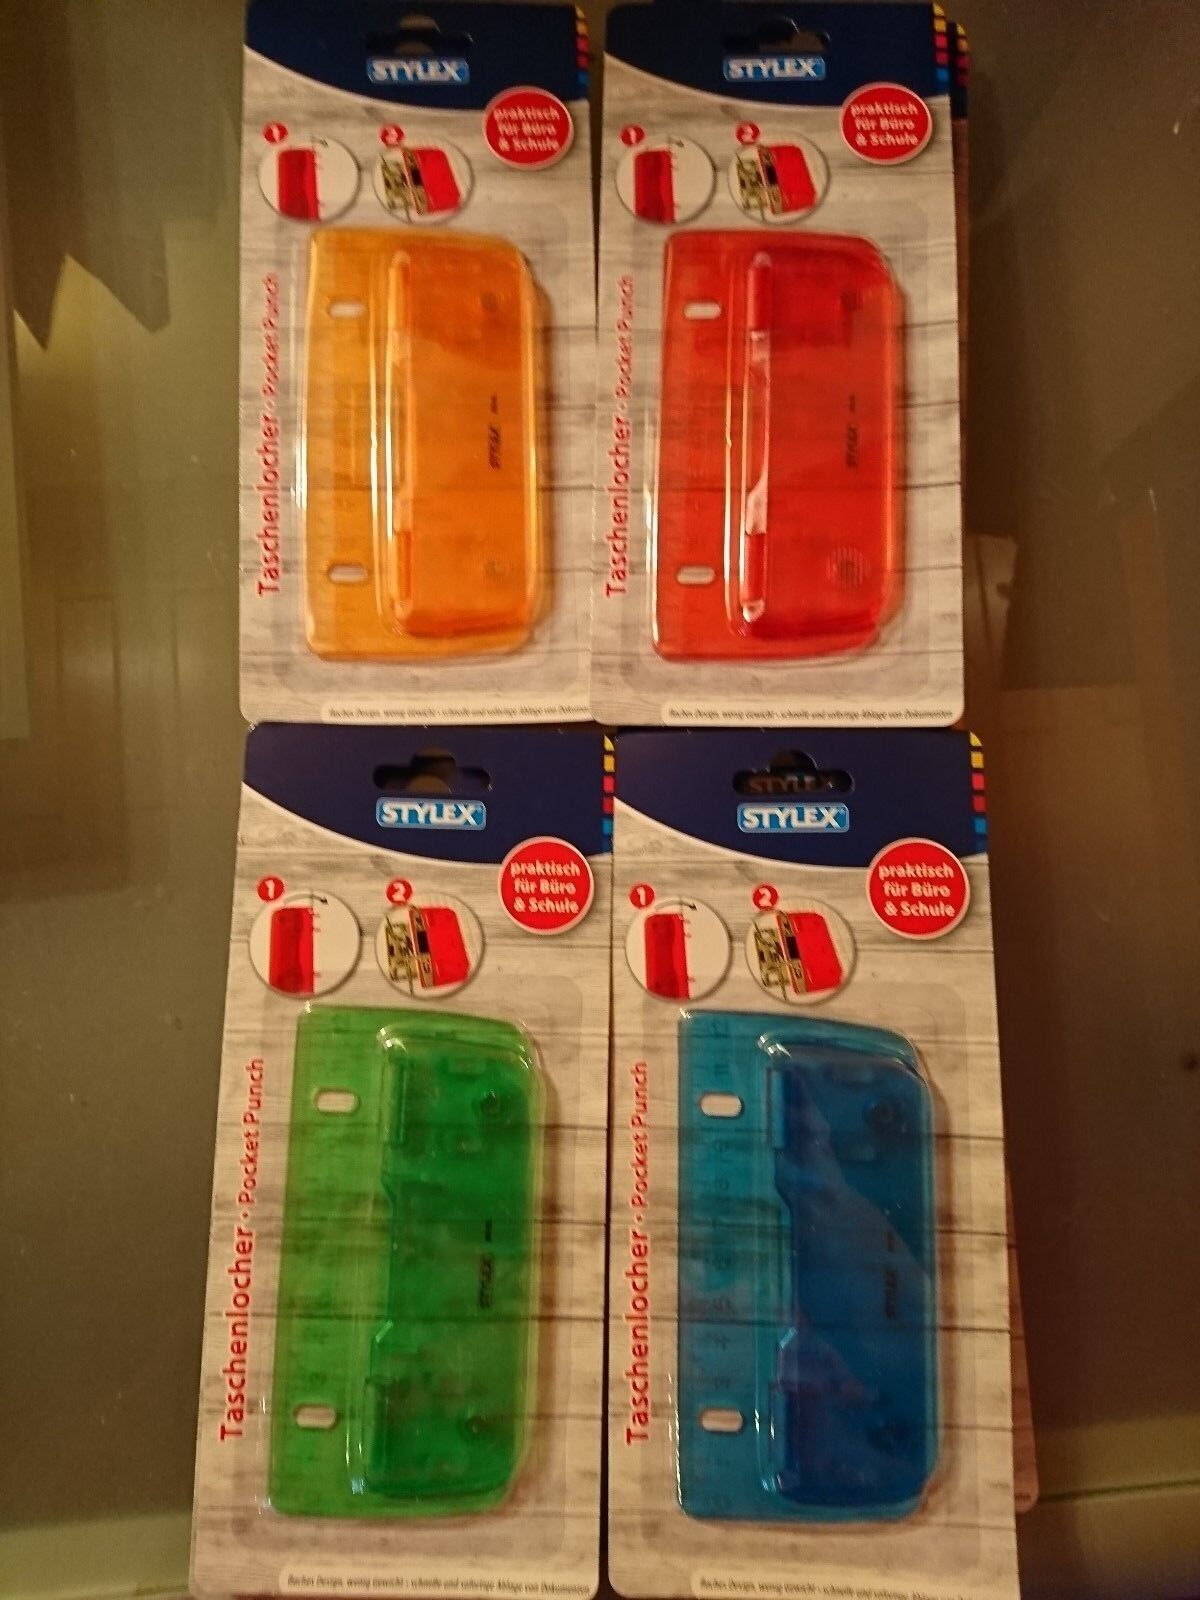 Stylex Taschenlocher verschiedene Farben 2-3 Blatt zum Abheften für Büro Schule